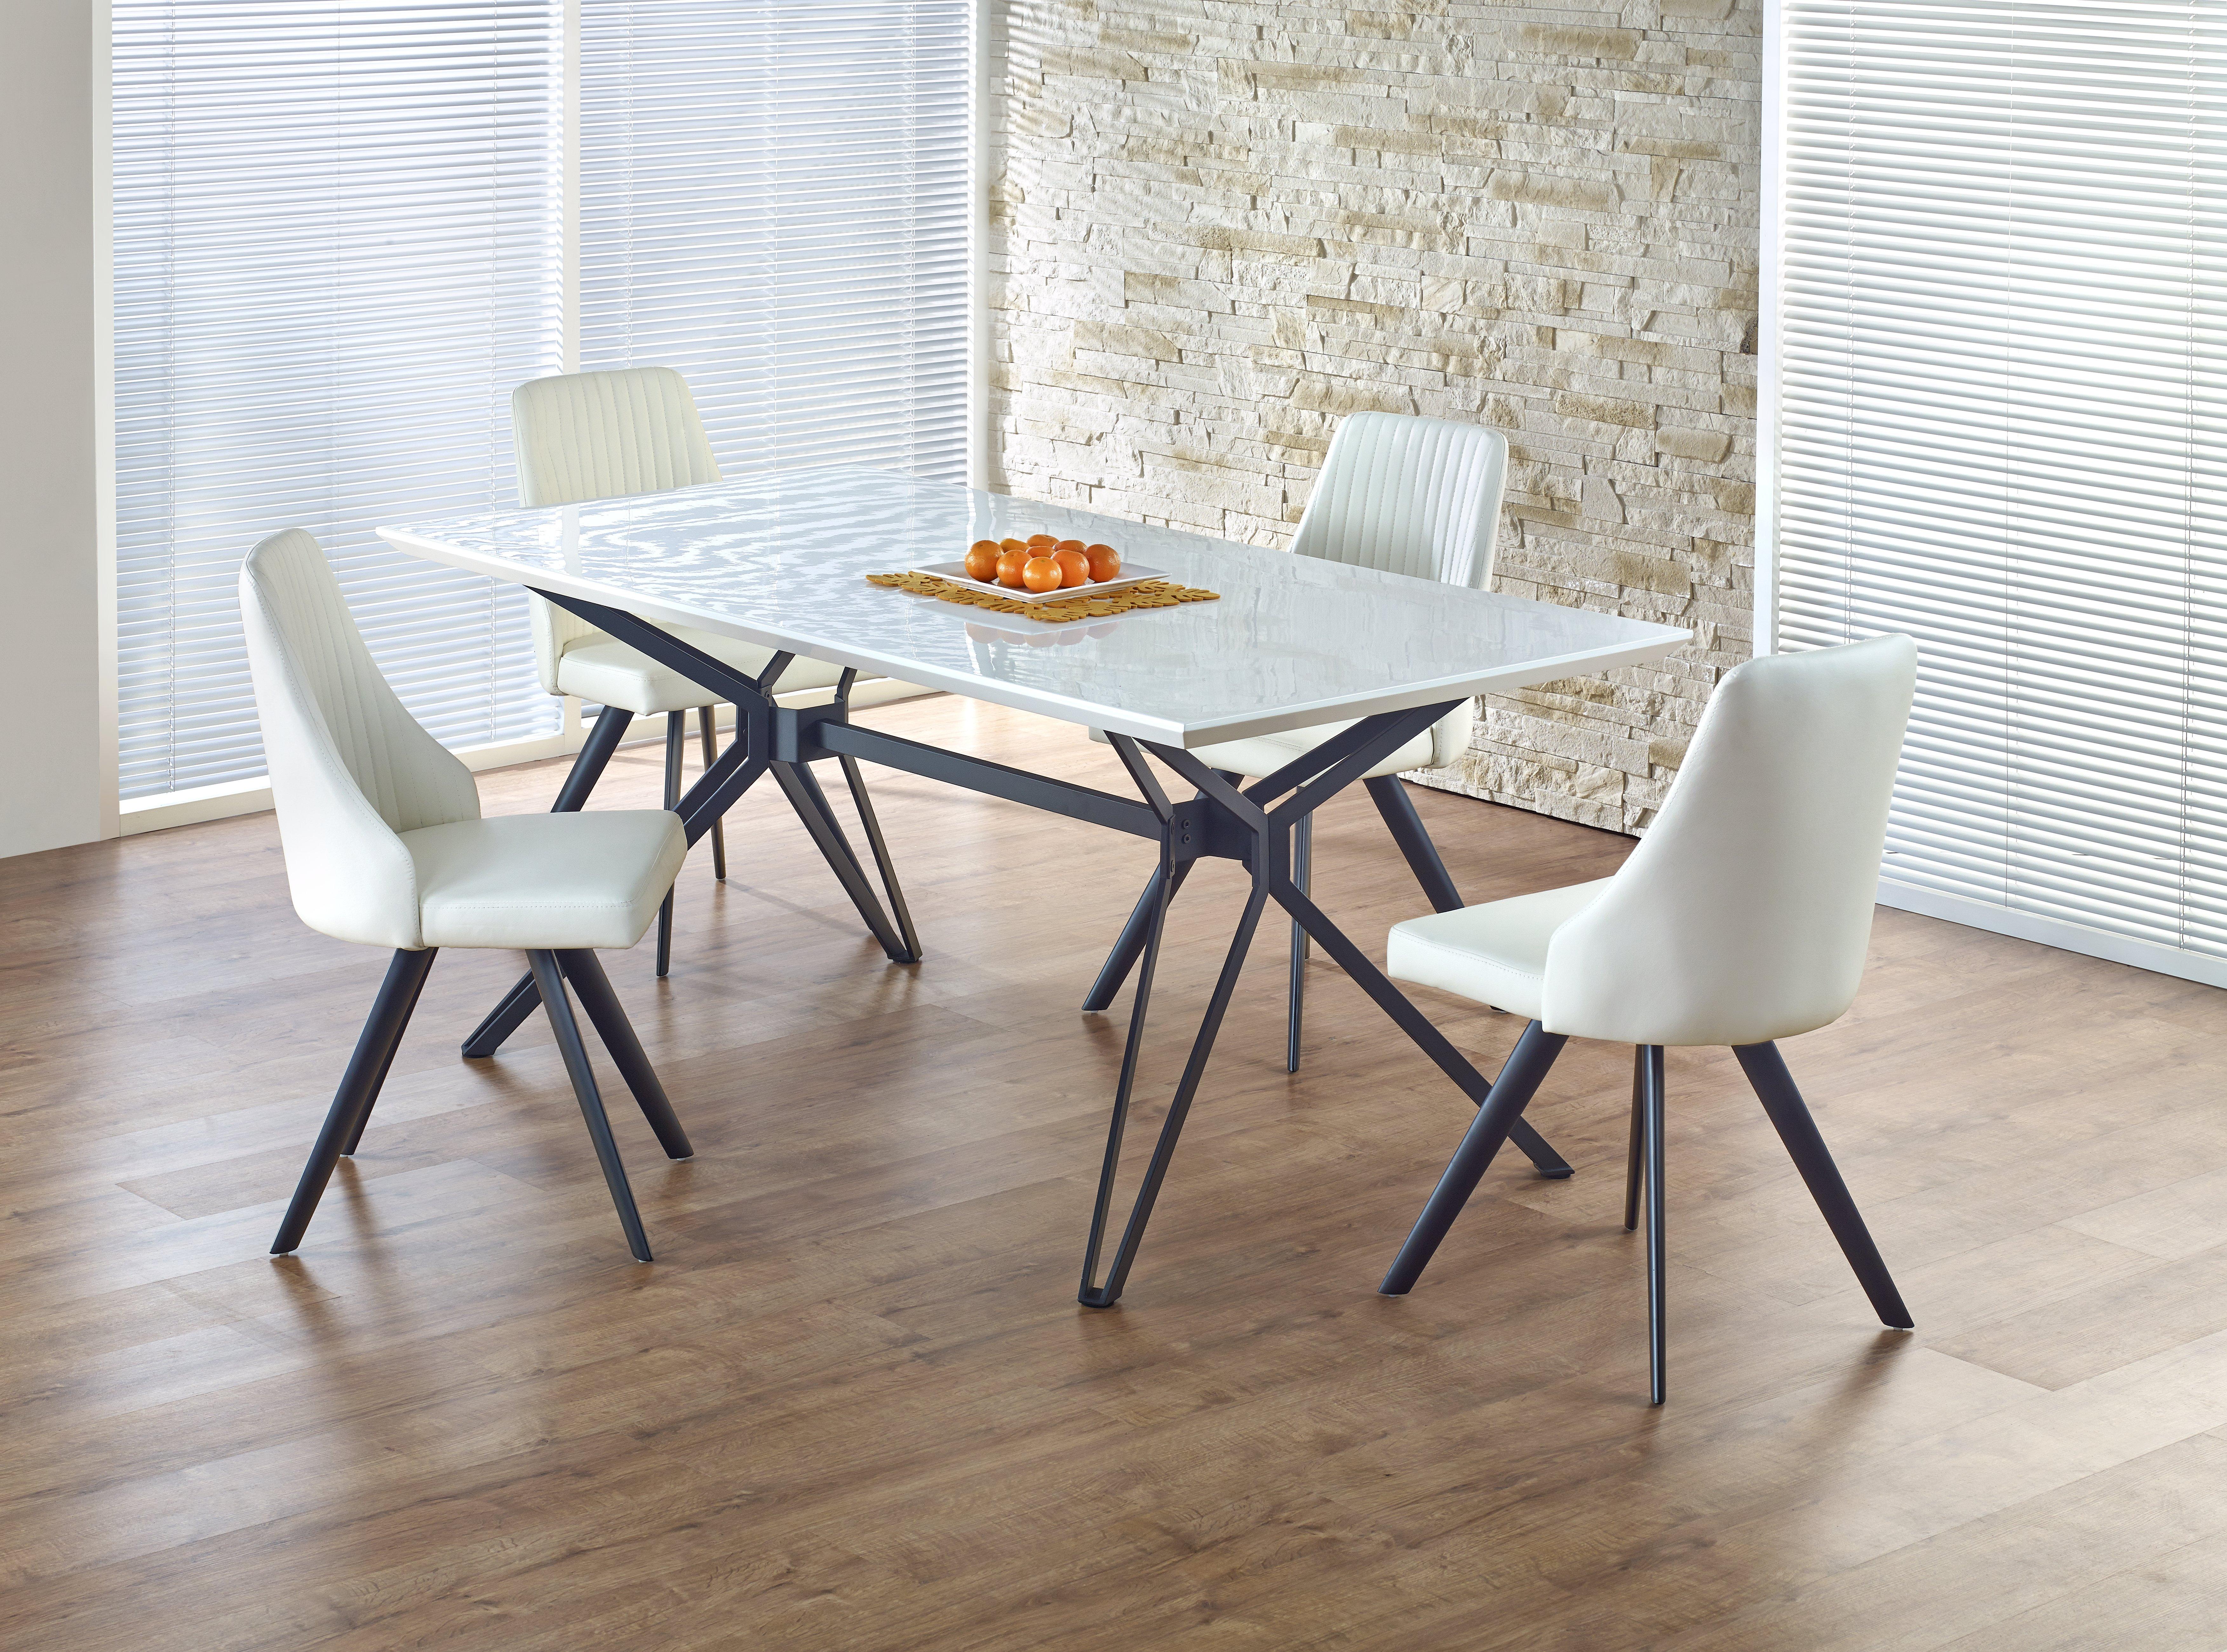 Jídelní stůl - Halmar - Pascal (pro 6 osob)